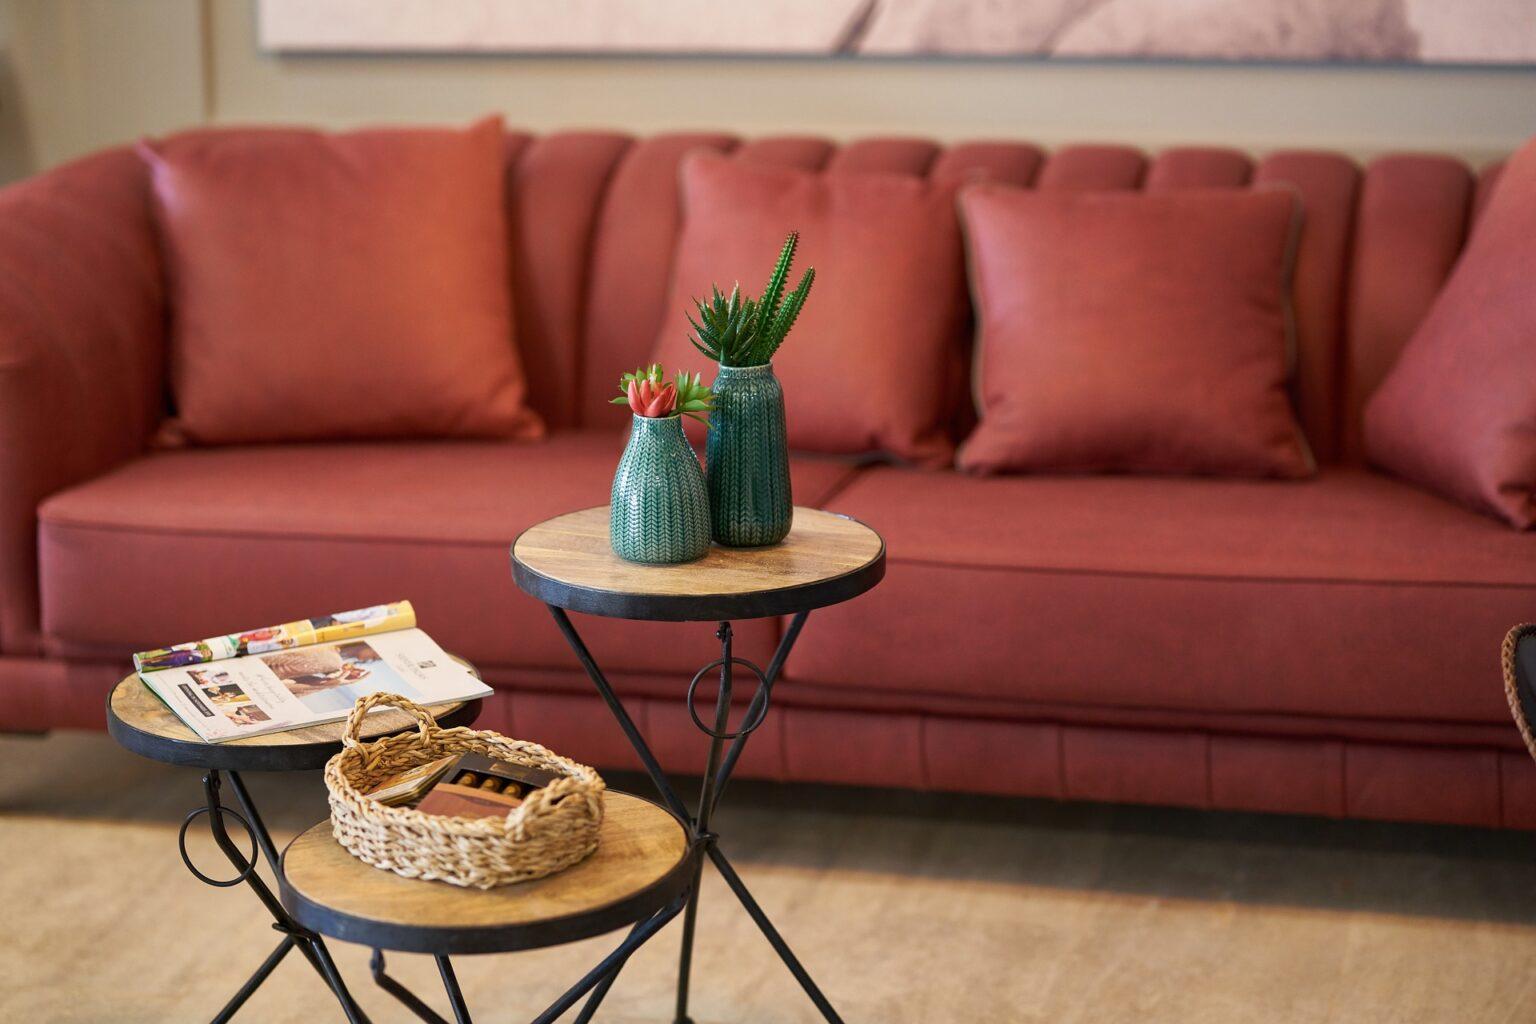 Sofá e almofadas vinho, mesinhas com plantas e cestinha. Imagem ilustrativa texto sofá sujo.